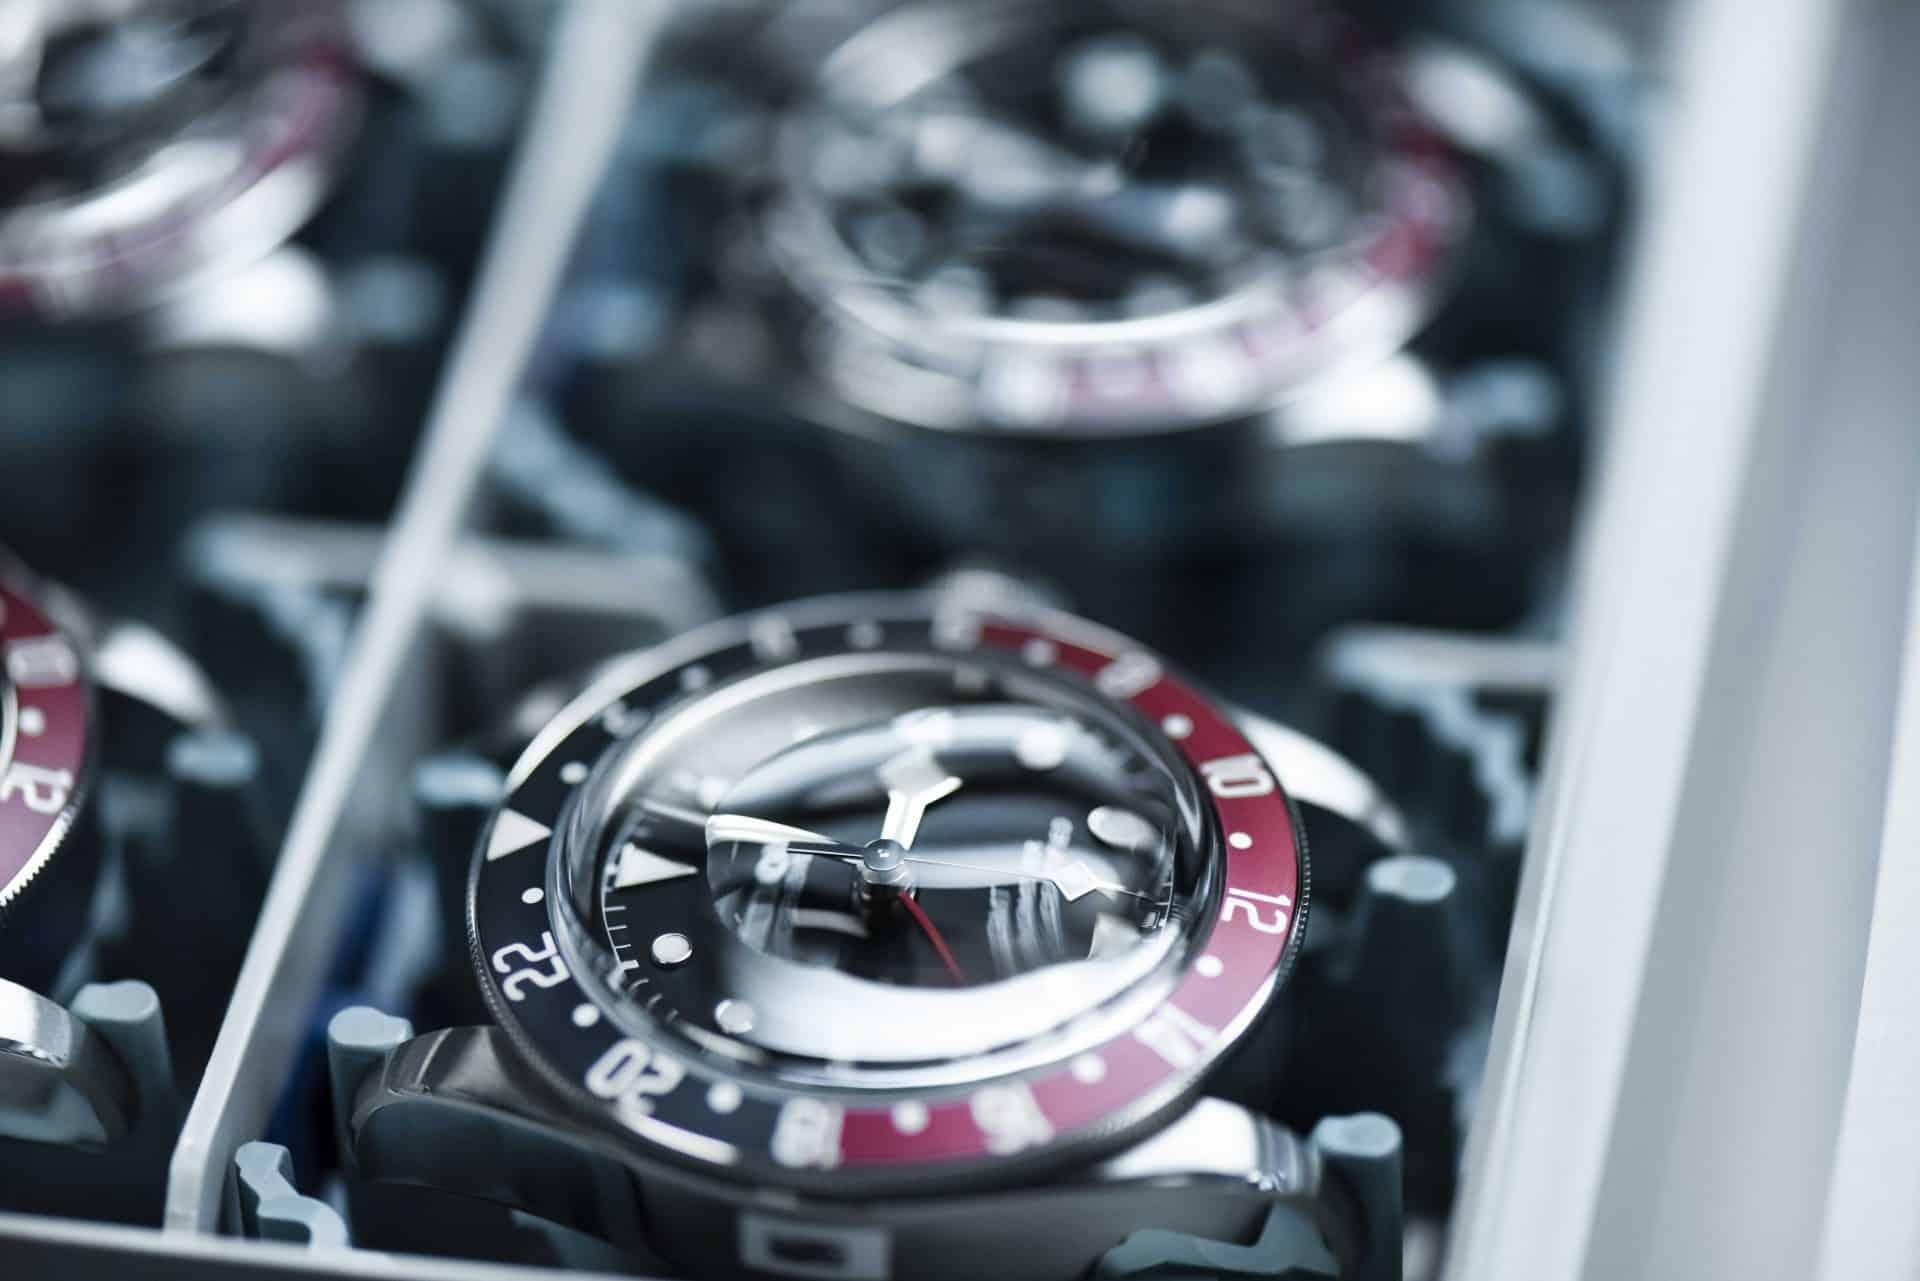 Sieht man einen Wassertropfen ist die Uhr nicht dicht und muss überarbeitet werden